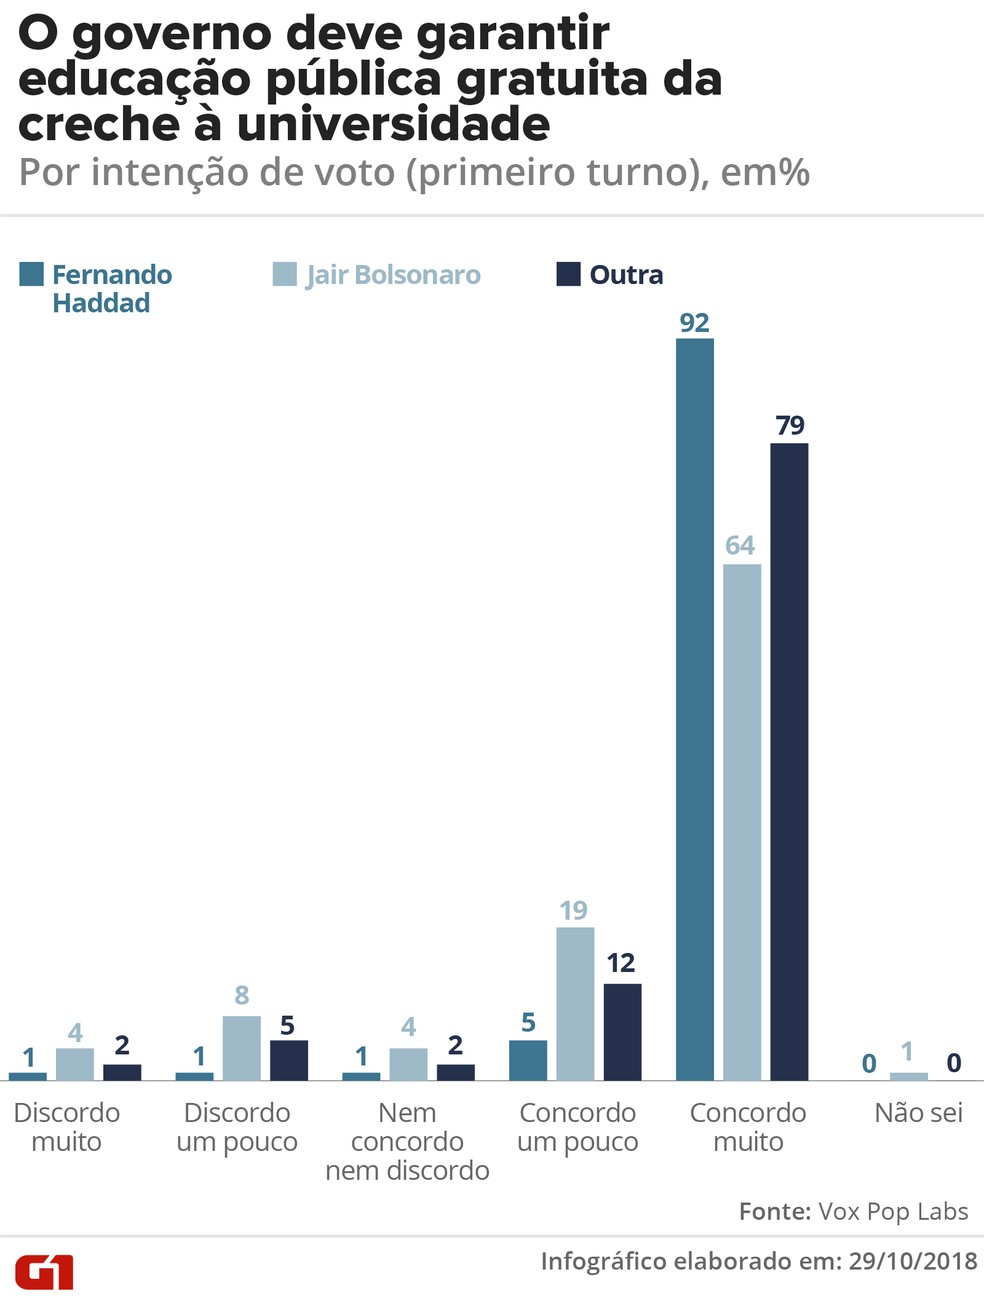 Garantia da educação pública gratuita - por intenção de voto no 1º turno — Foto: G1